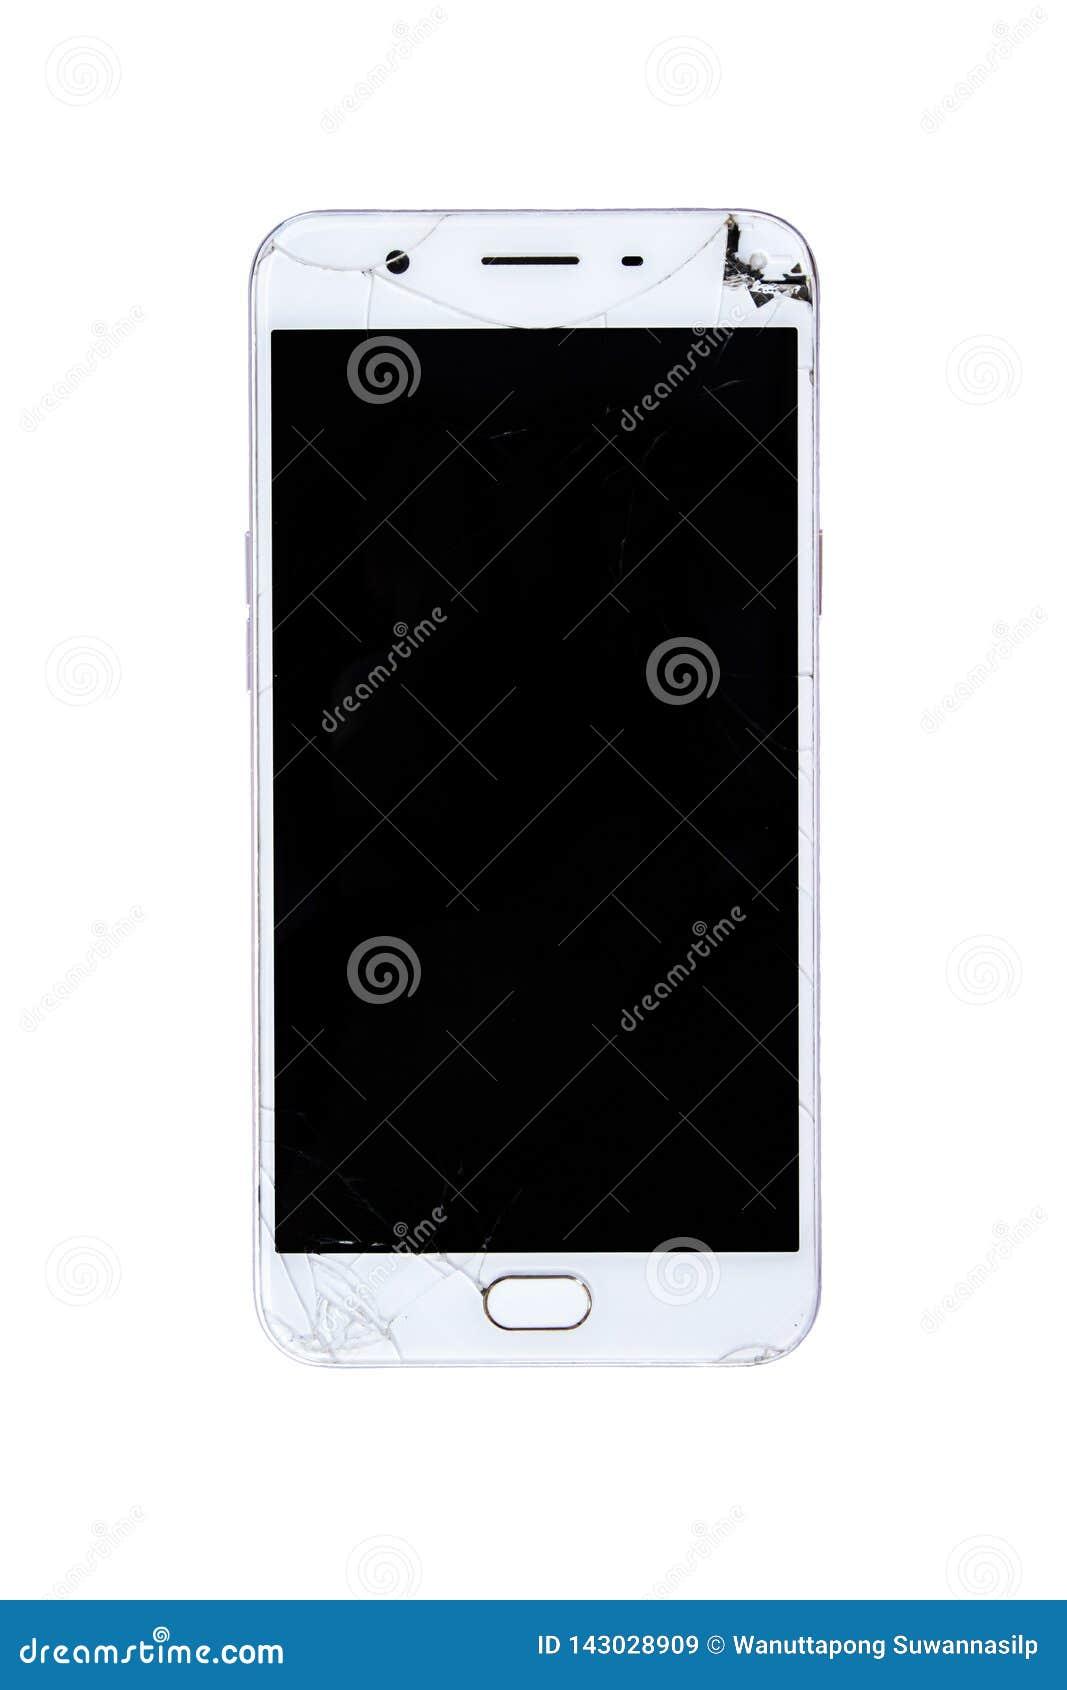 Broken smart phone with cracked screen